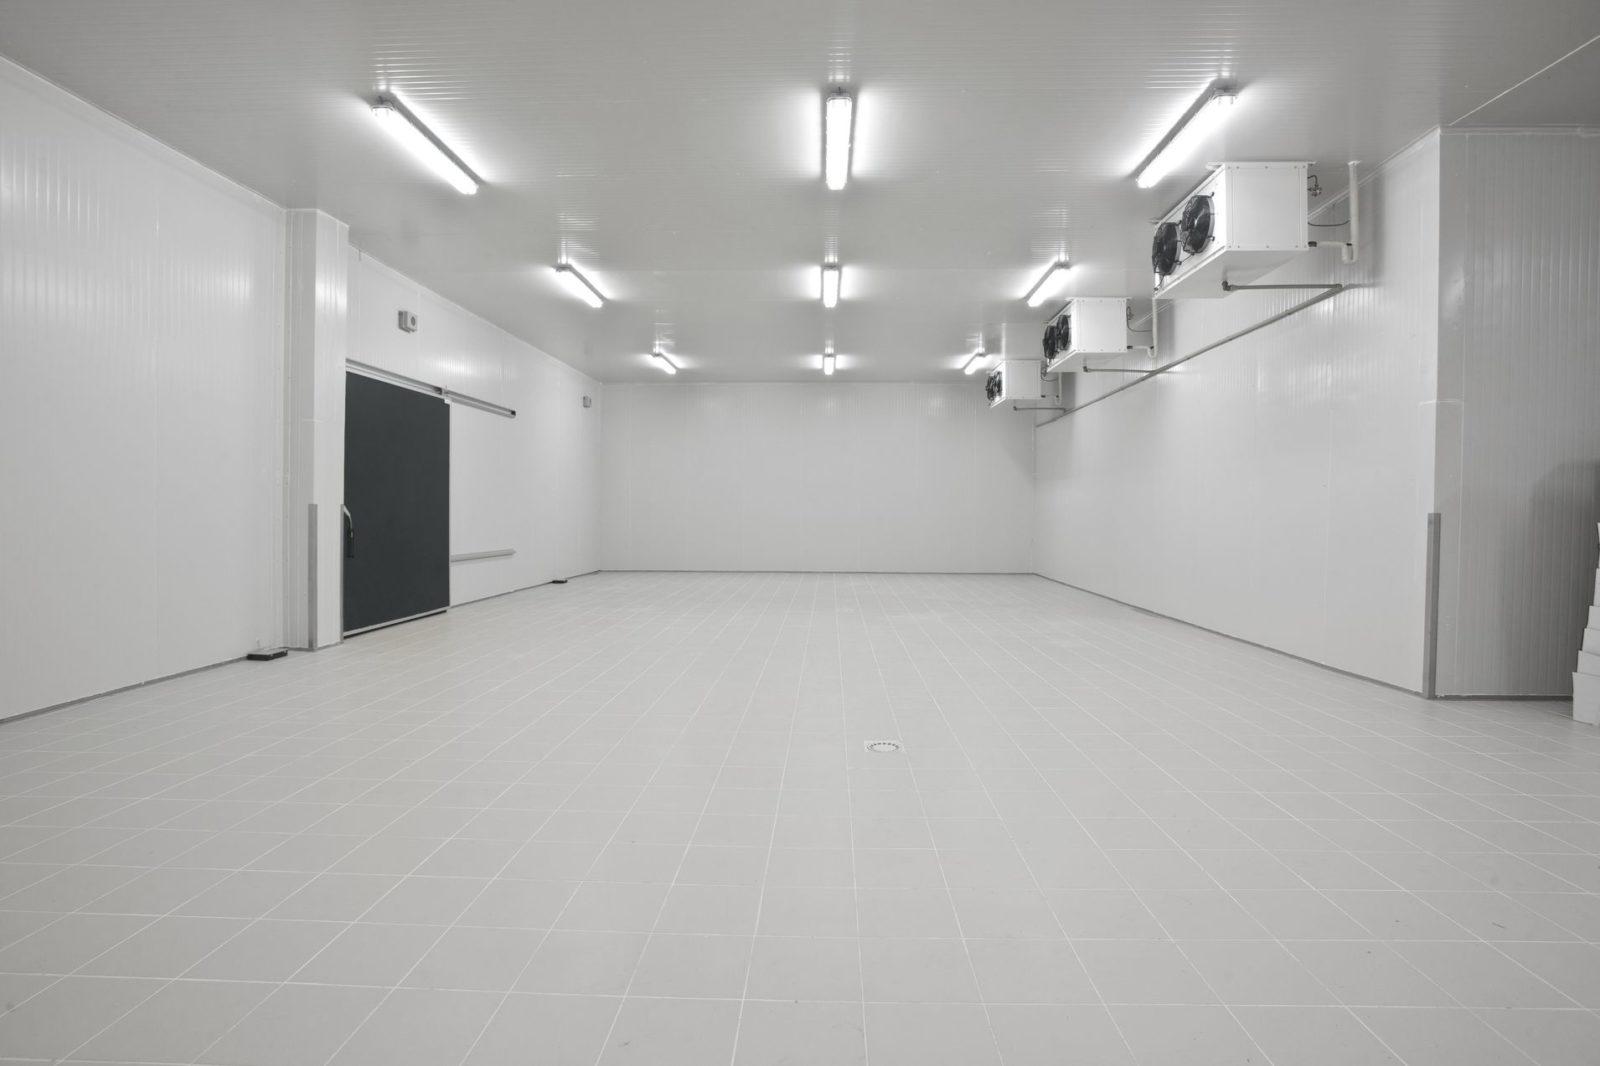 kühlhalle1